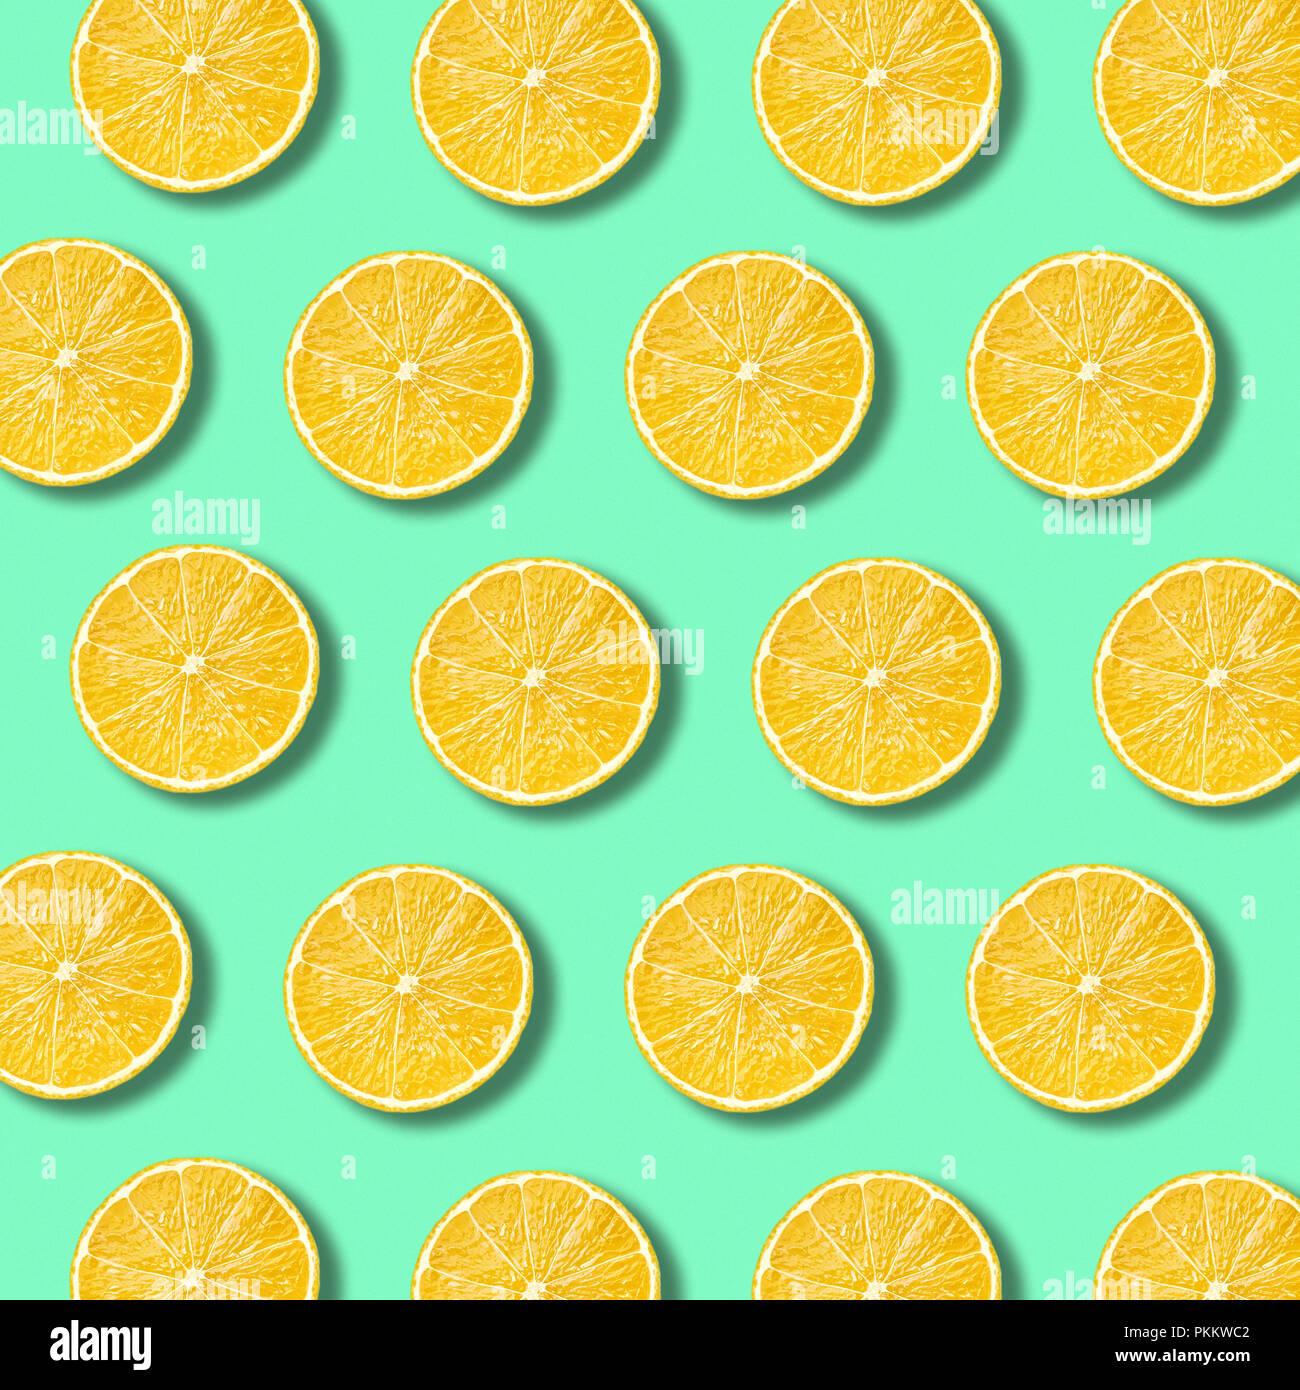 Les tranches de citron sur un fond de couleur vert éclatant de lumière. La texture des aliments non forfaitaire minime Photo Stock